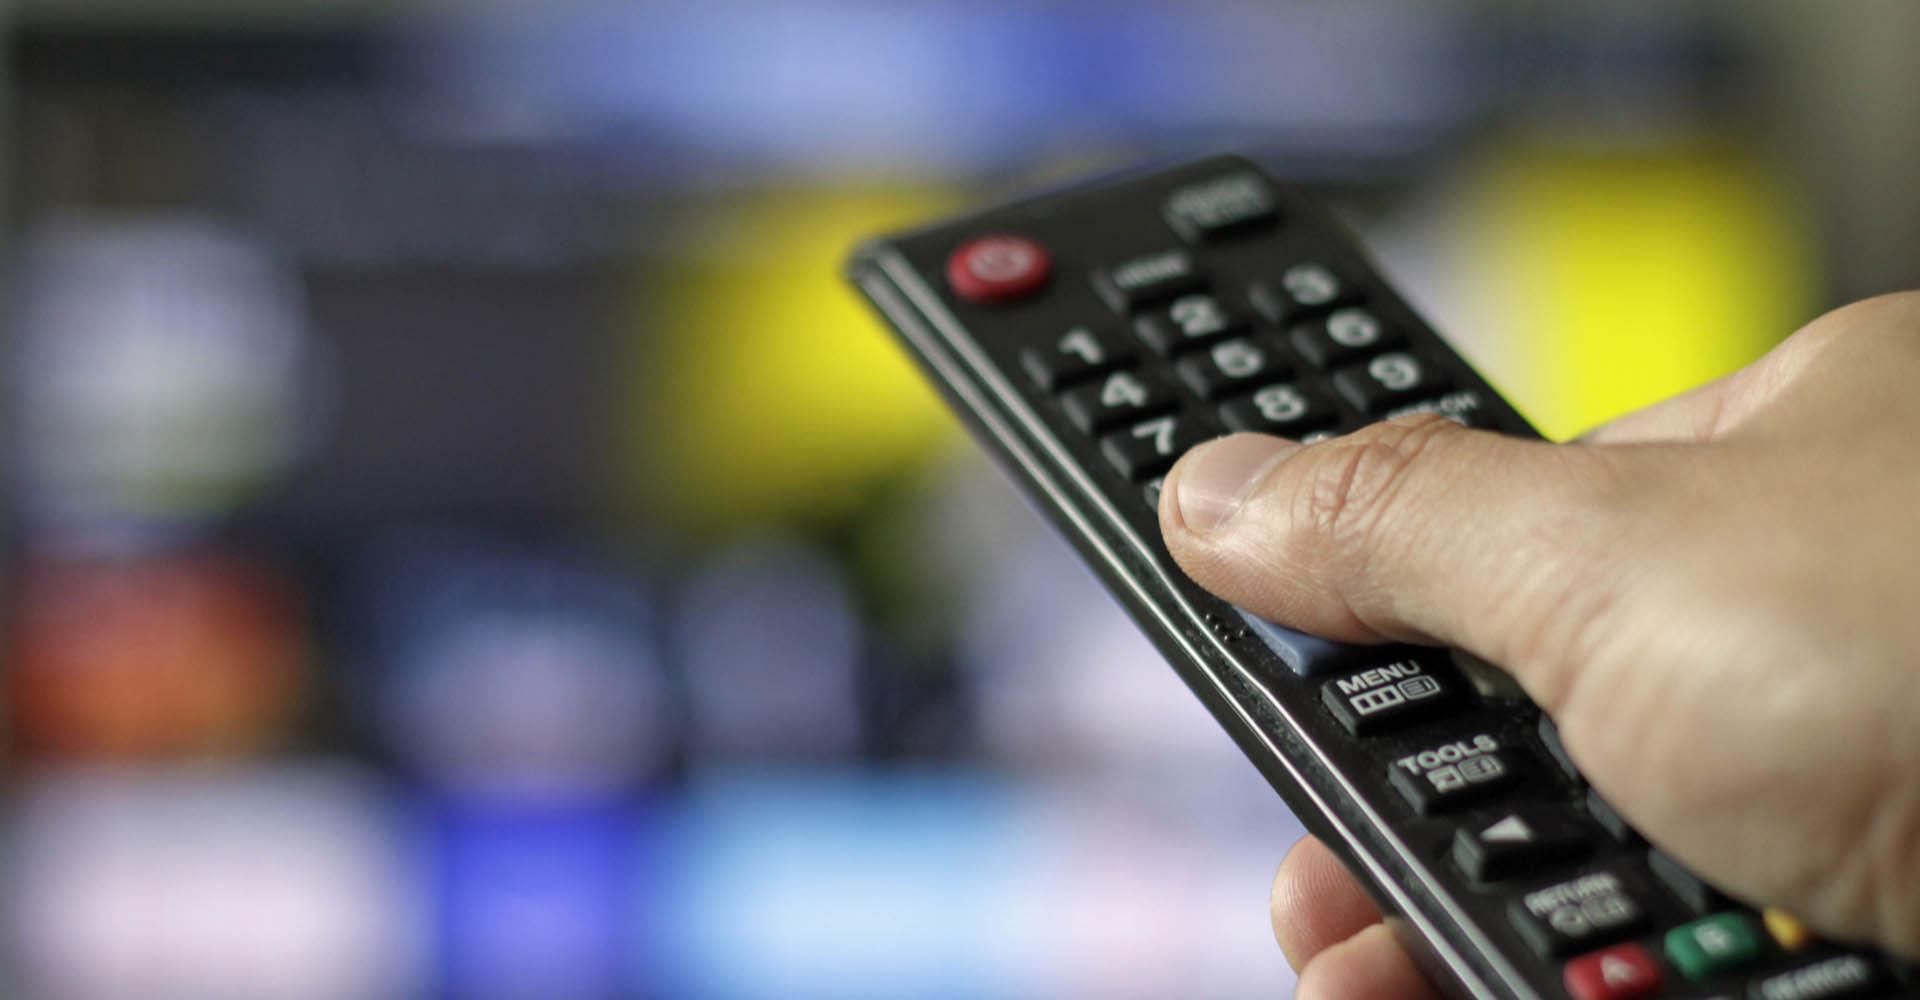 Mit der Fernbedienung das Fernsehgerät steuern.